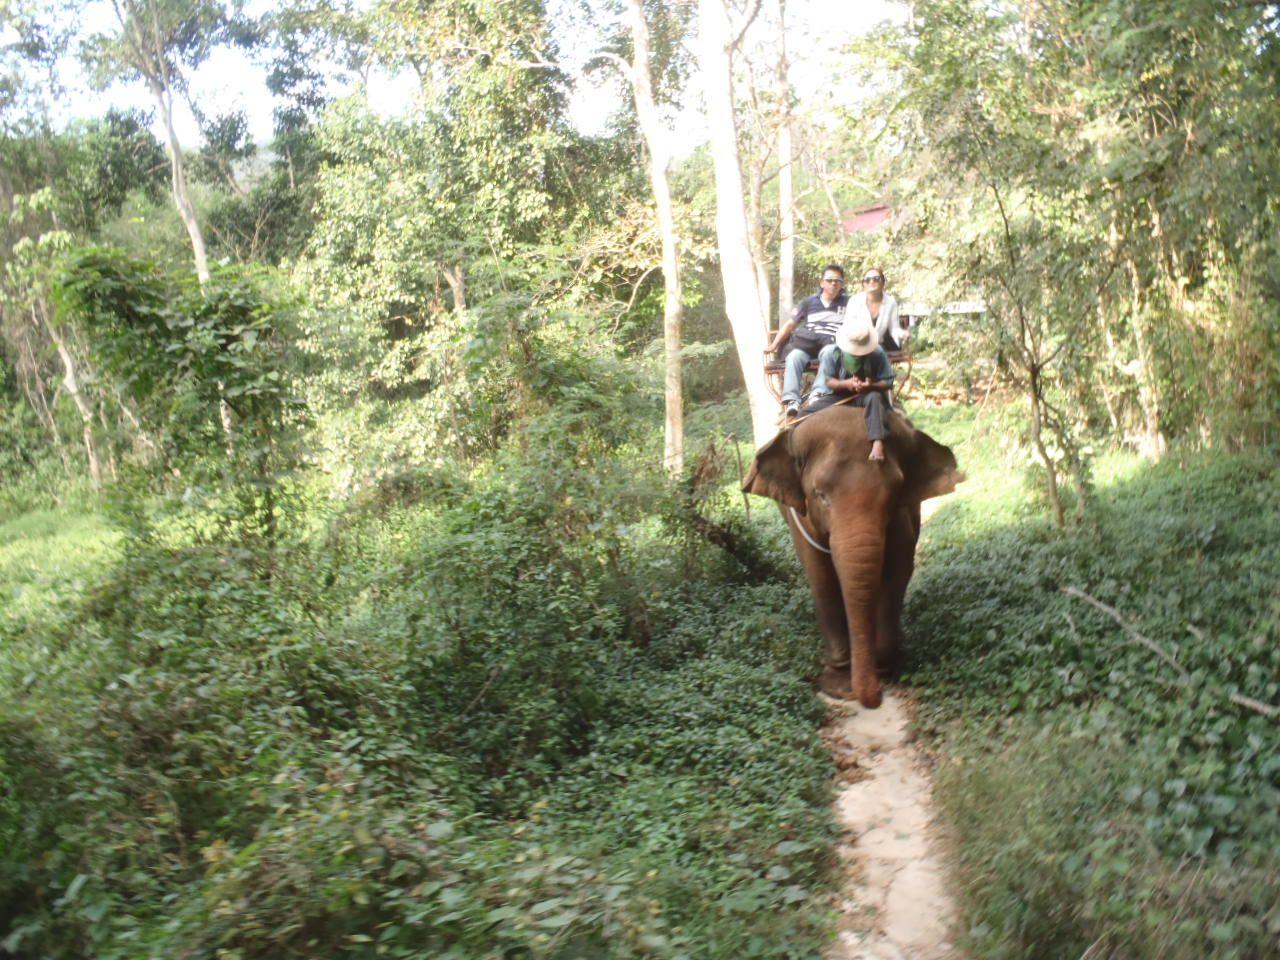 ジャングルの森の中、川をバシャバシャ、象乗りトレッキング